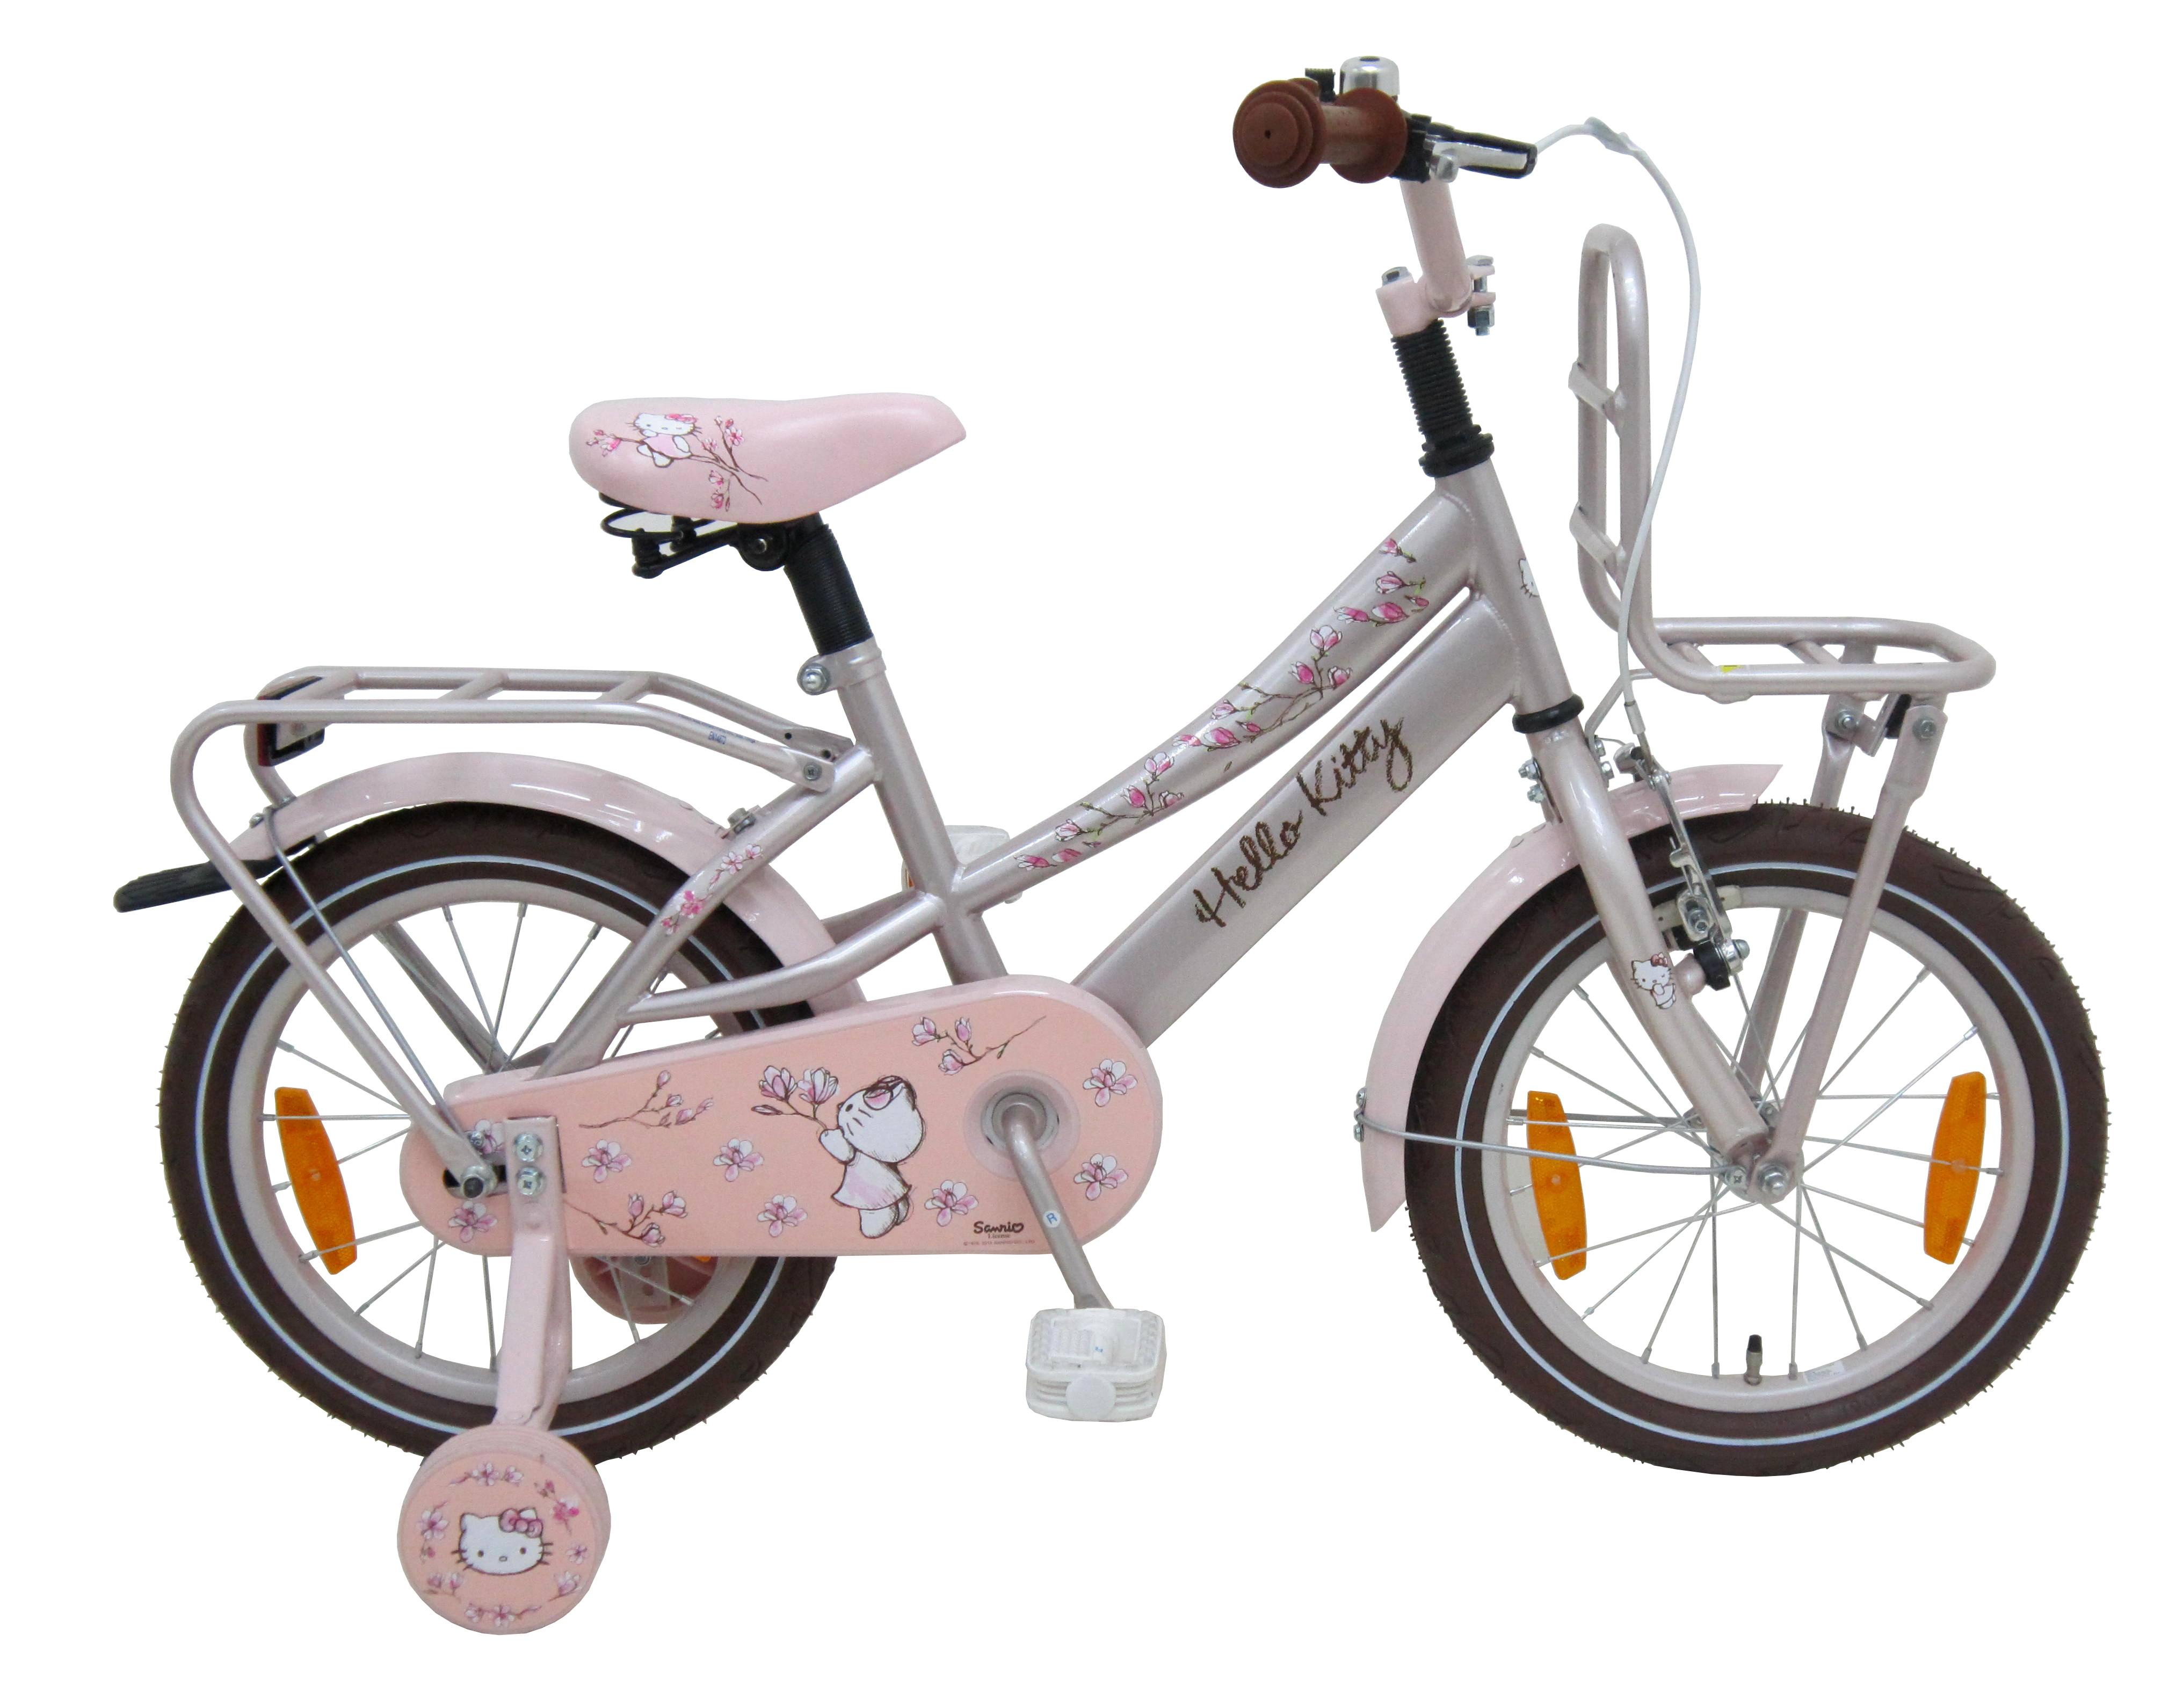 Велосипед Volare Hello Kitty Romantic 2014 Бежевый